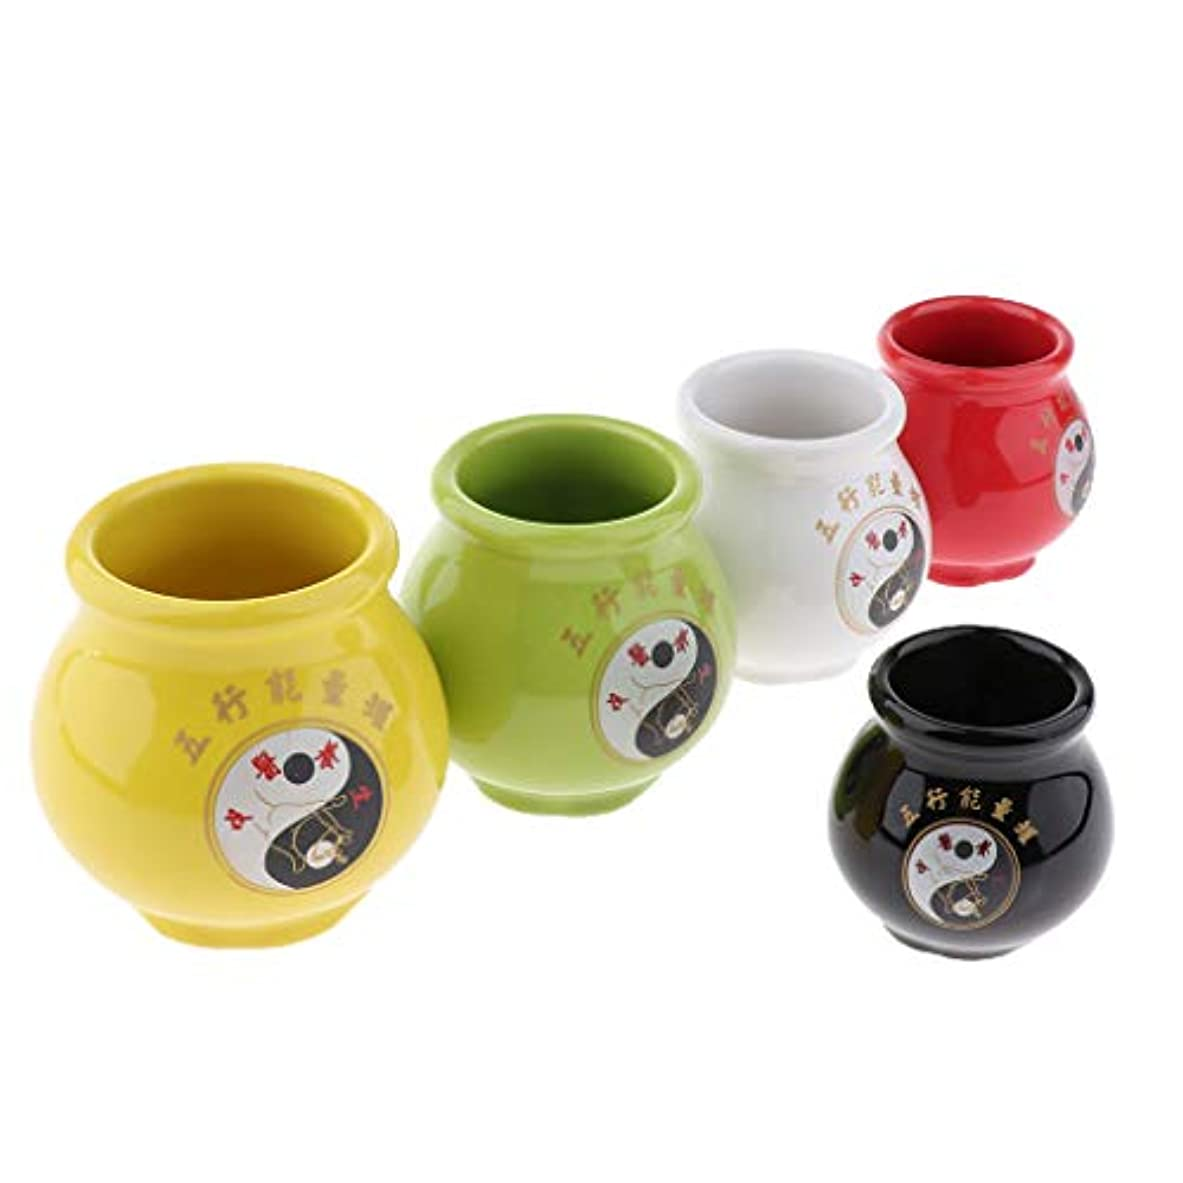 約設定公ショッピングセンターマッサージ吸い玉 カッピングカップ セラミック 真空 健康ケア 男女兼用 5個入